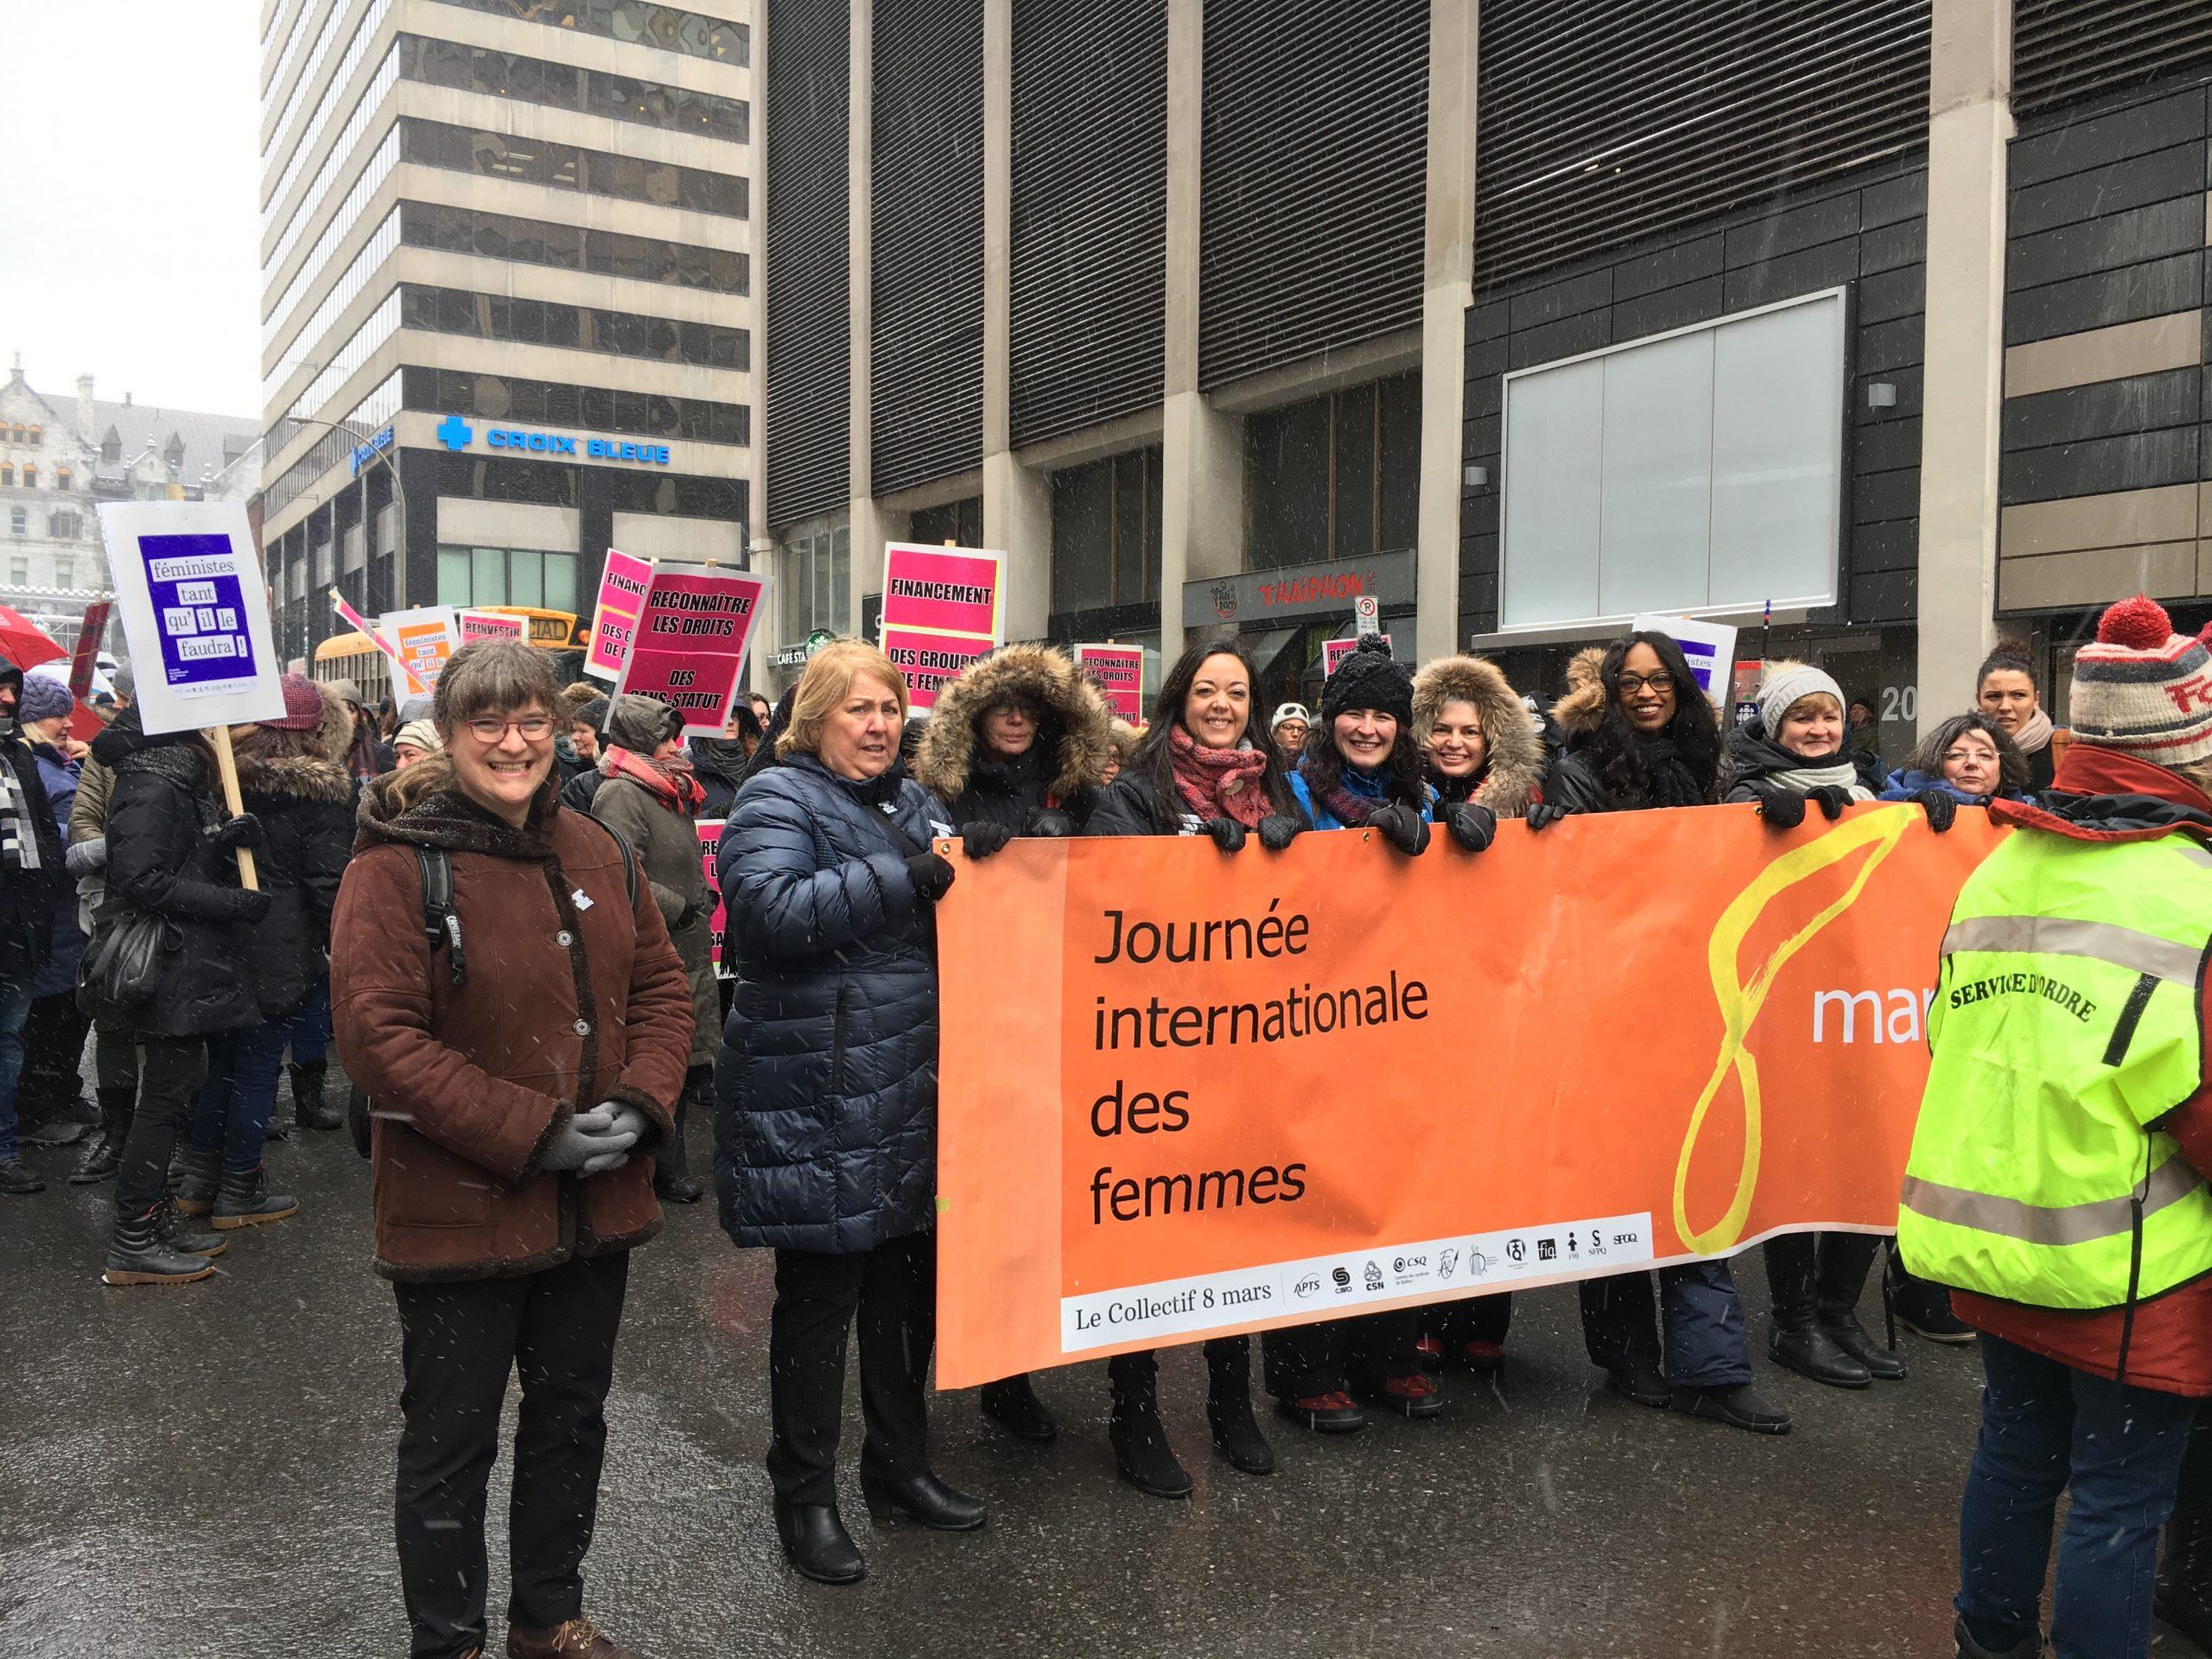 Femmes dans une manifestation du 8 mars pour les droits des femmes tenant une bannière.